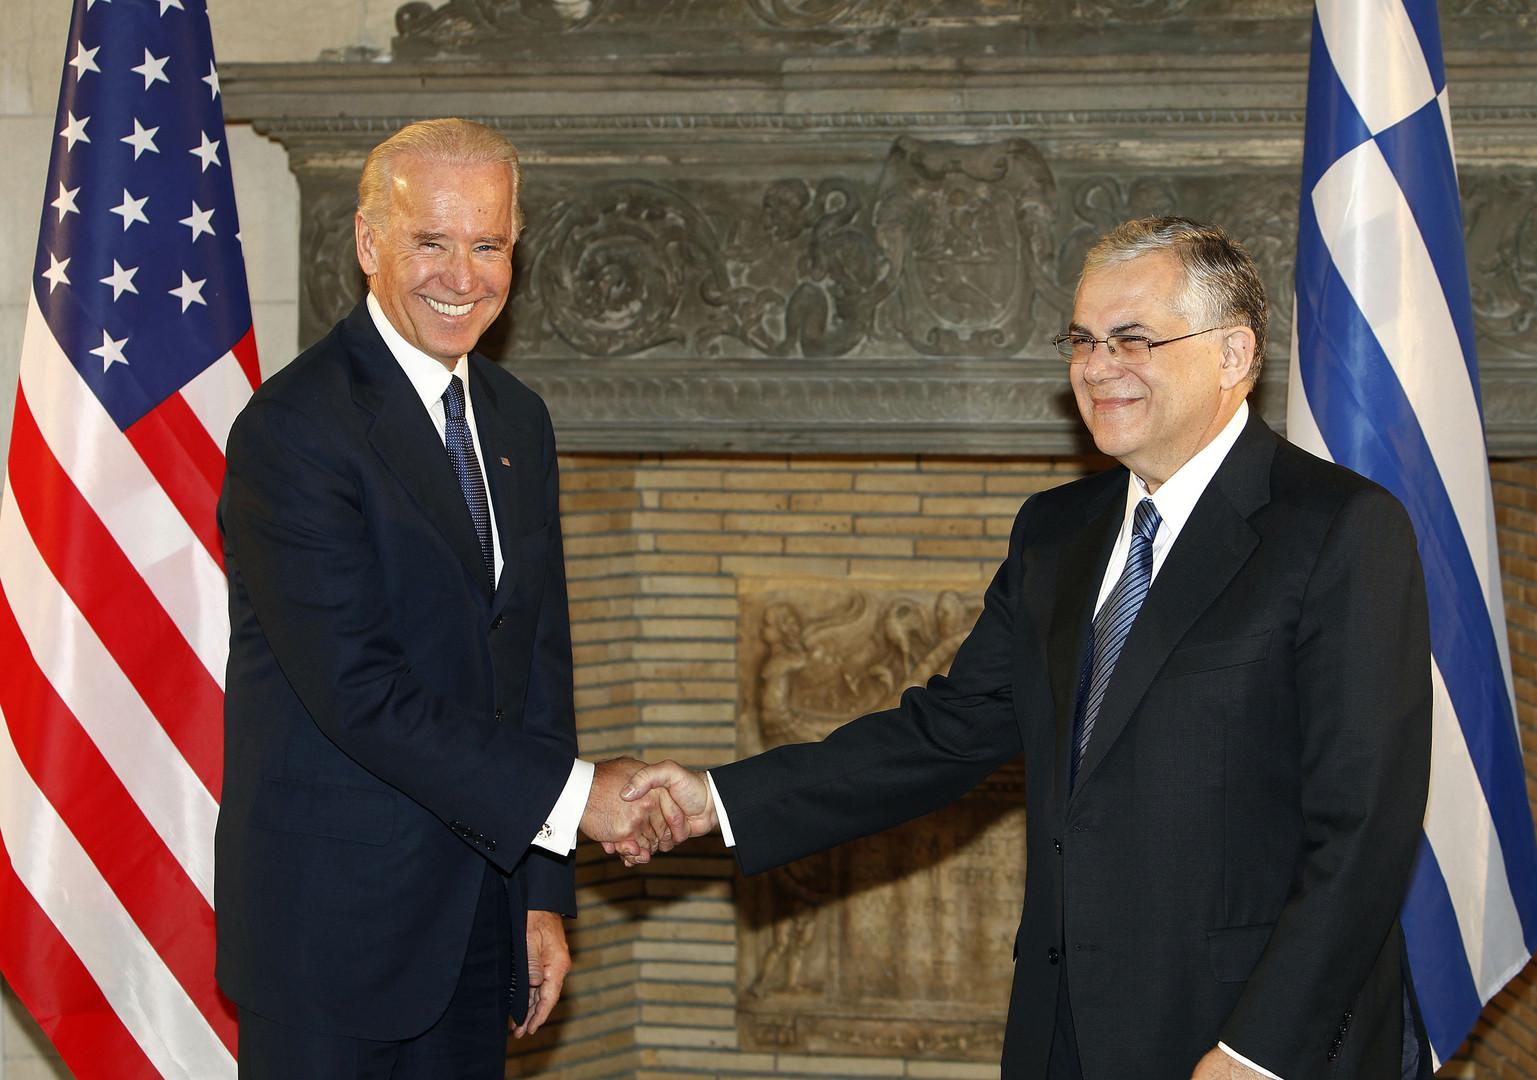 Lucas Papademos serre la main du vice-president etatsunien Joe Biden